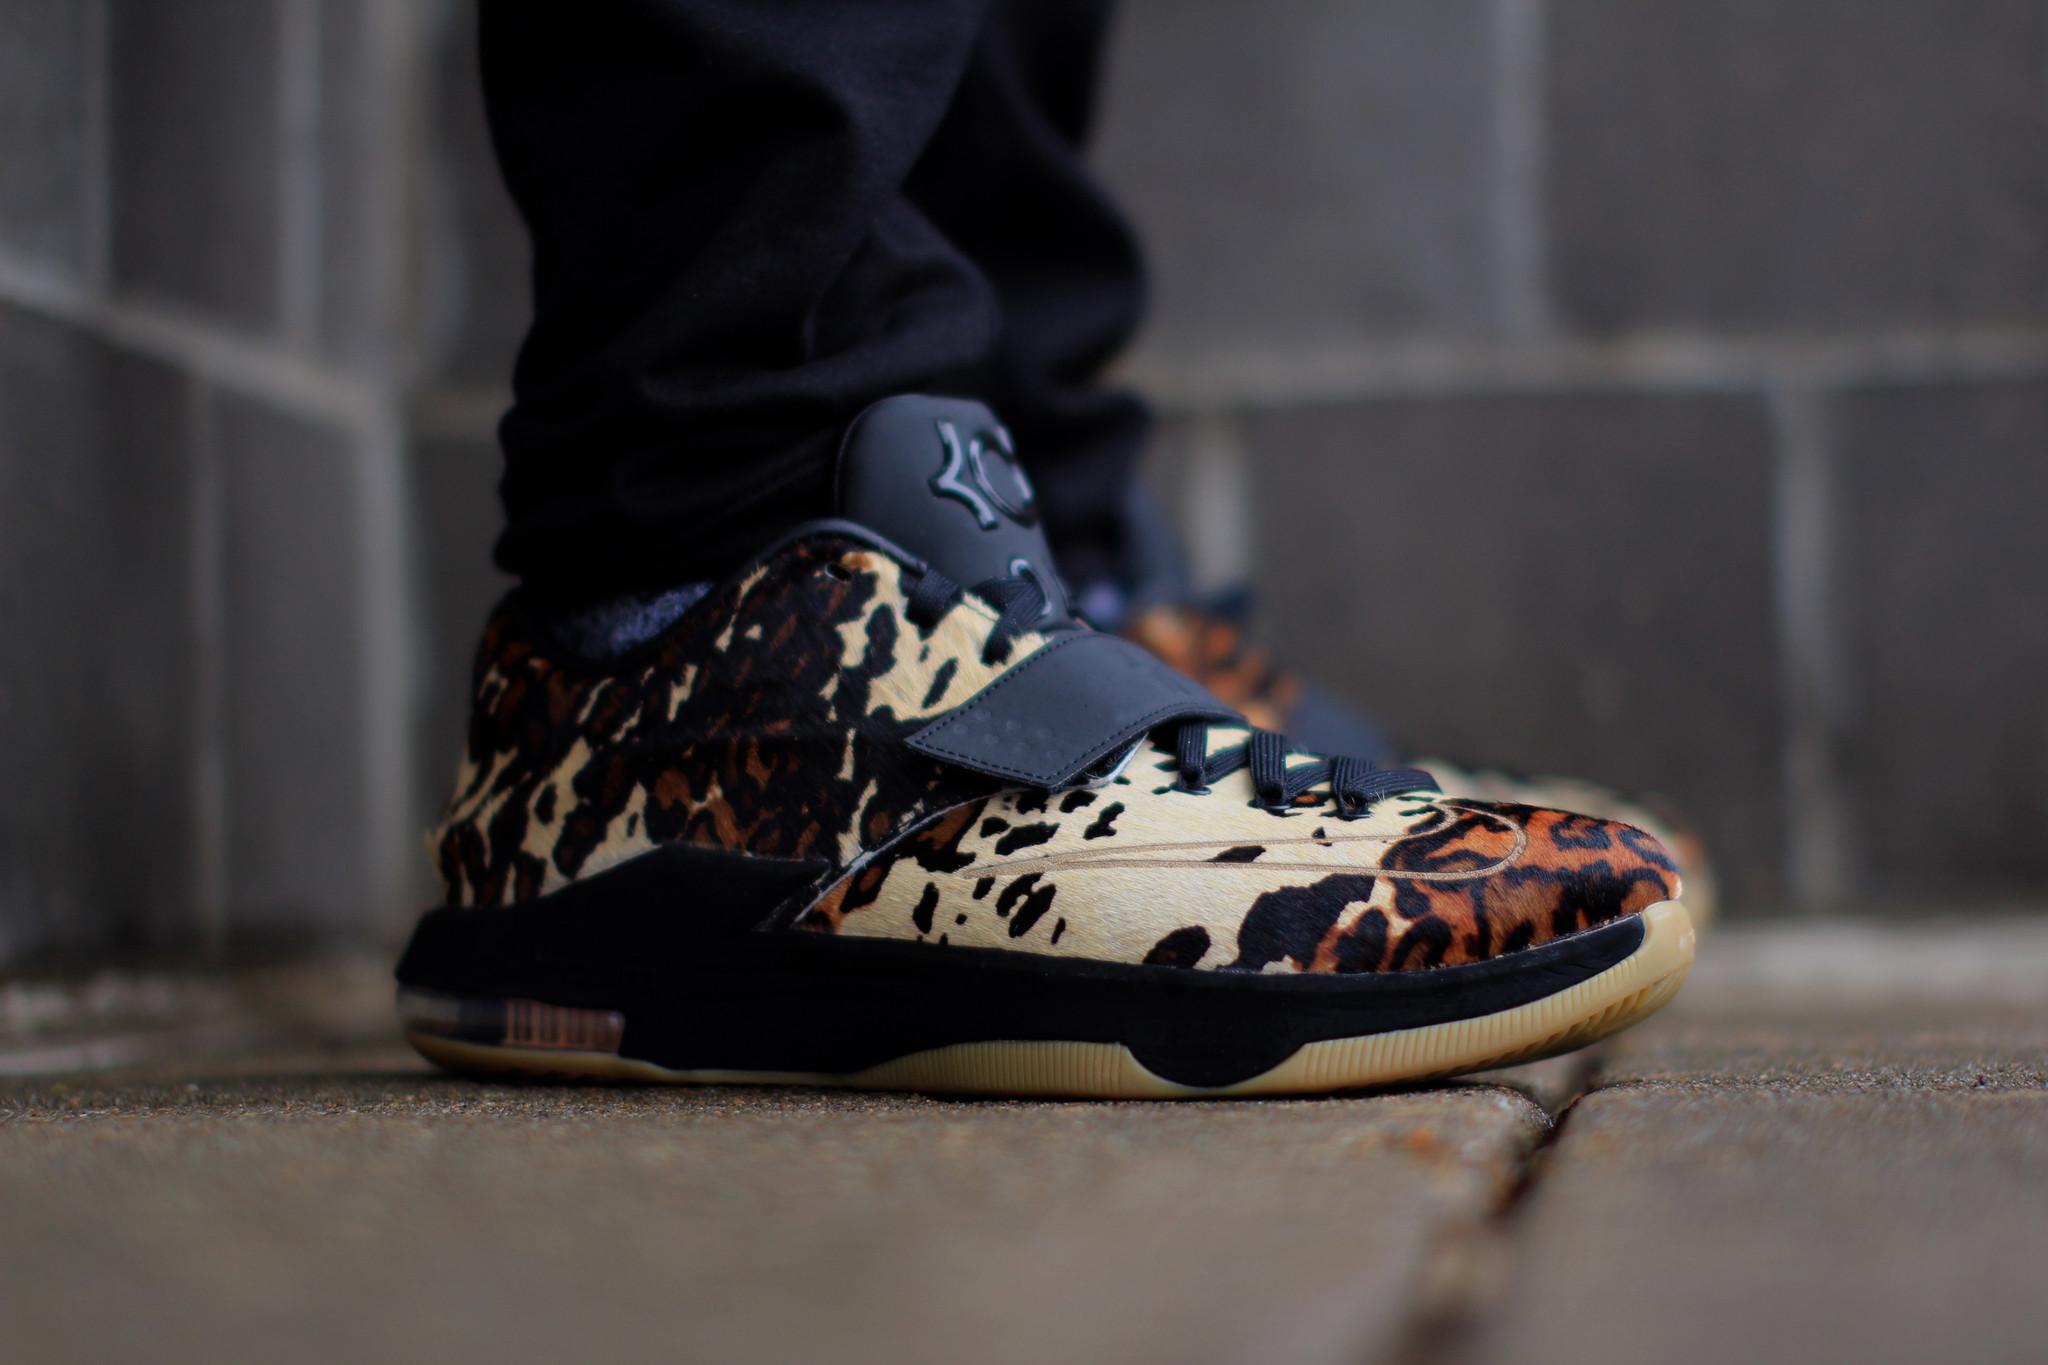 """detailing d0120 6eca4 Nike KD 7 EXT """"Longhorn State†(Detailed Pictures) - OG ..."""